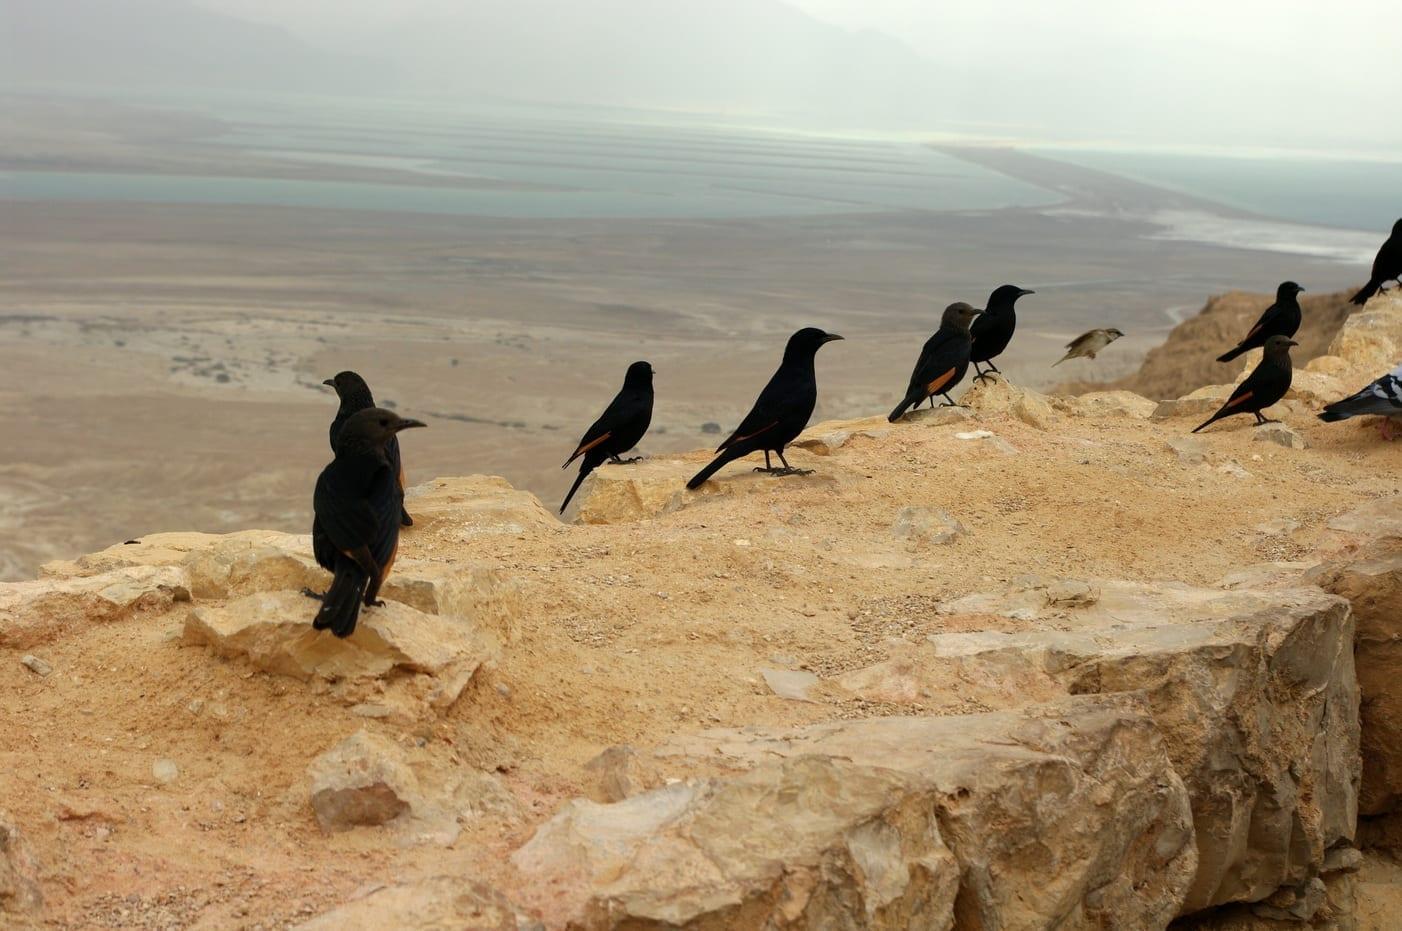 Los estorninos del Tristram en Masada Masada Israel